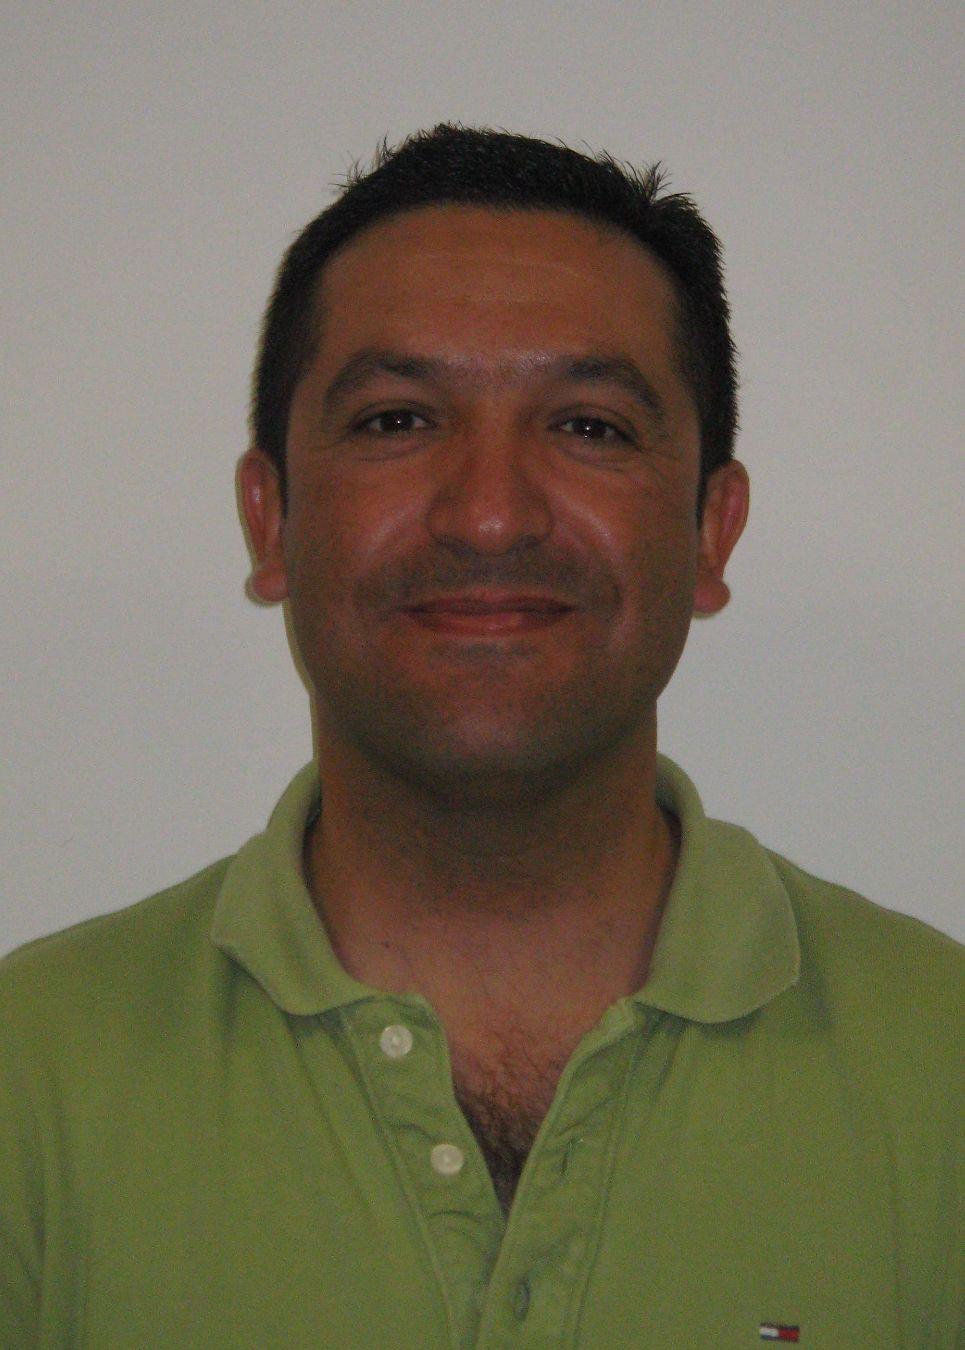 Mariano Ruiz - mariano_ruiz